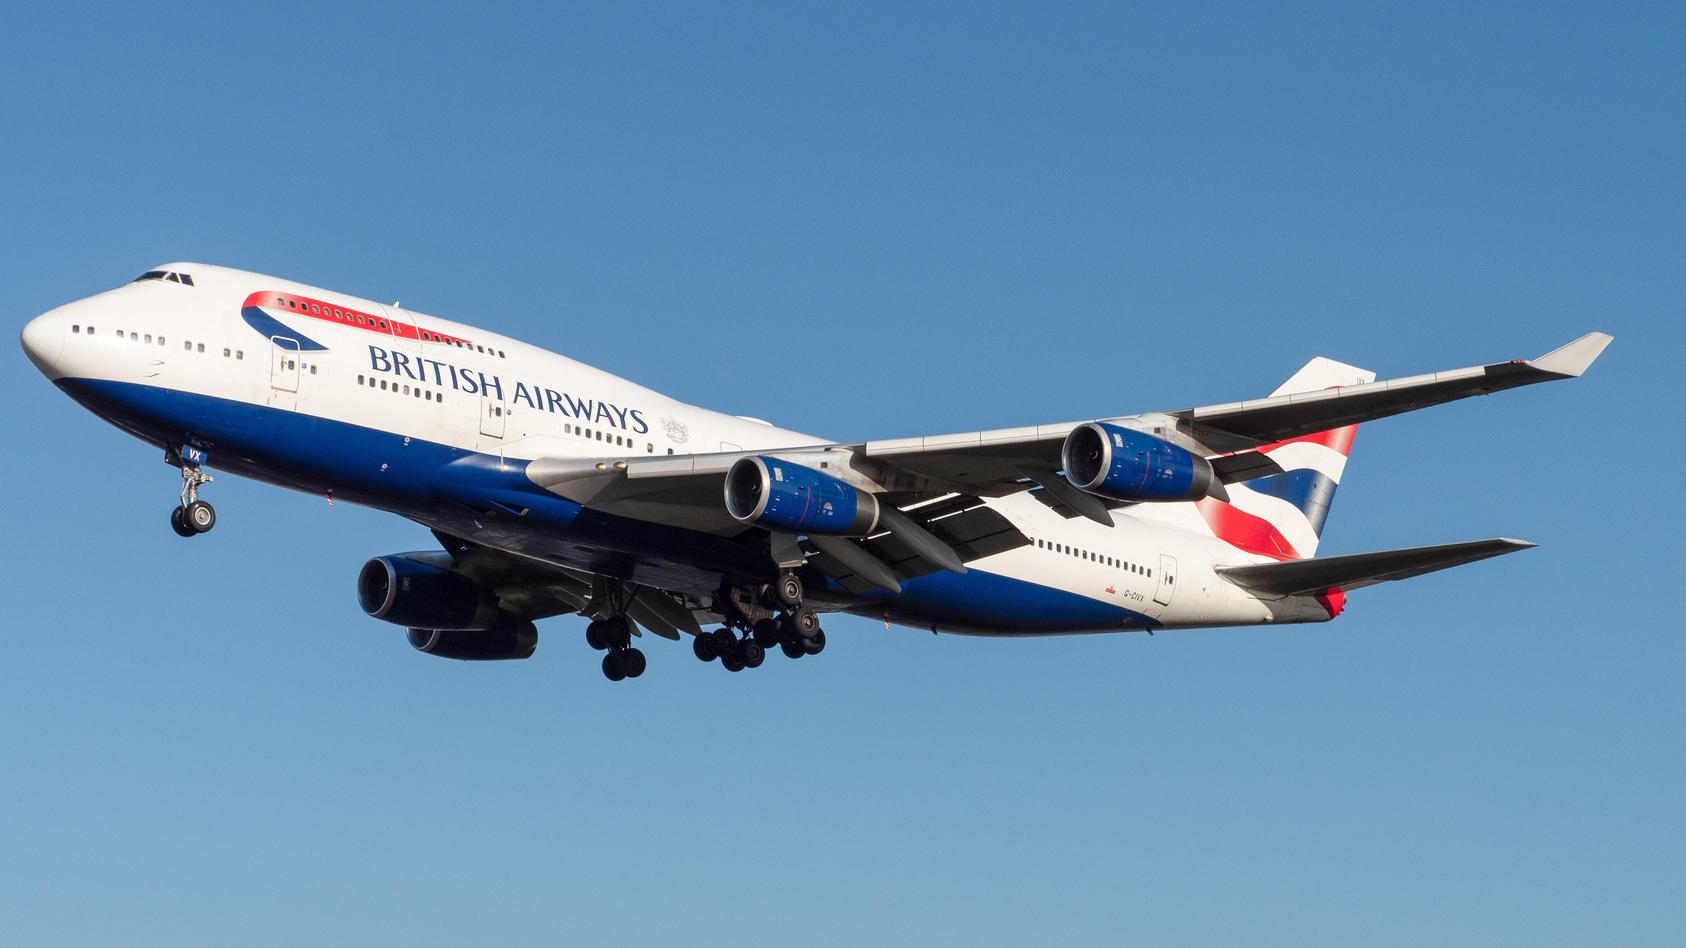 British Airways mit Boeing 747-400 im Landeanflug auf London Heathrow. *** British Airways with Boeing 747 400 on appro